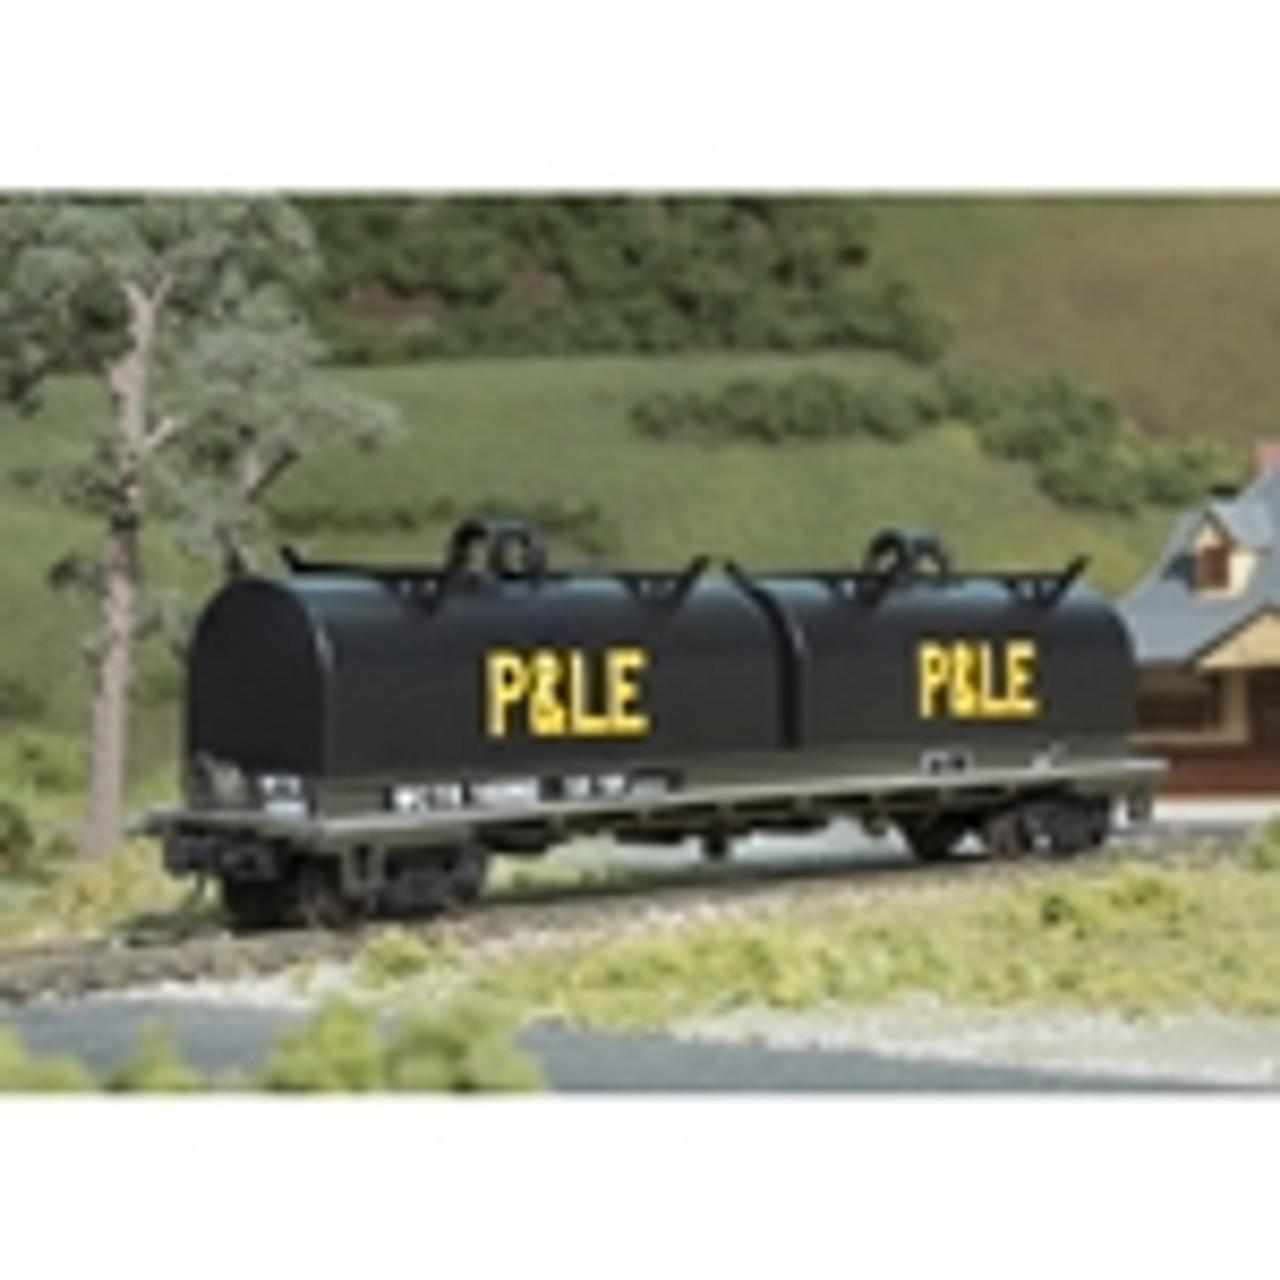 ATLAS 50004659 Cushion Coil Car - WCTU Railway (P&LE) #142023 (SCALE=N) Part # 150-50004659